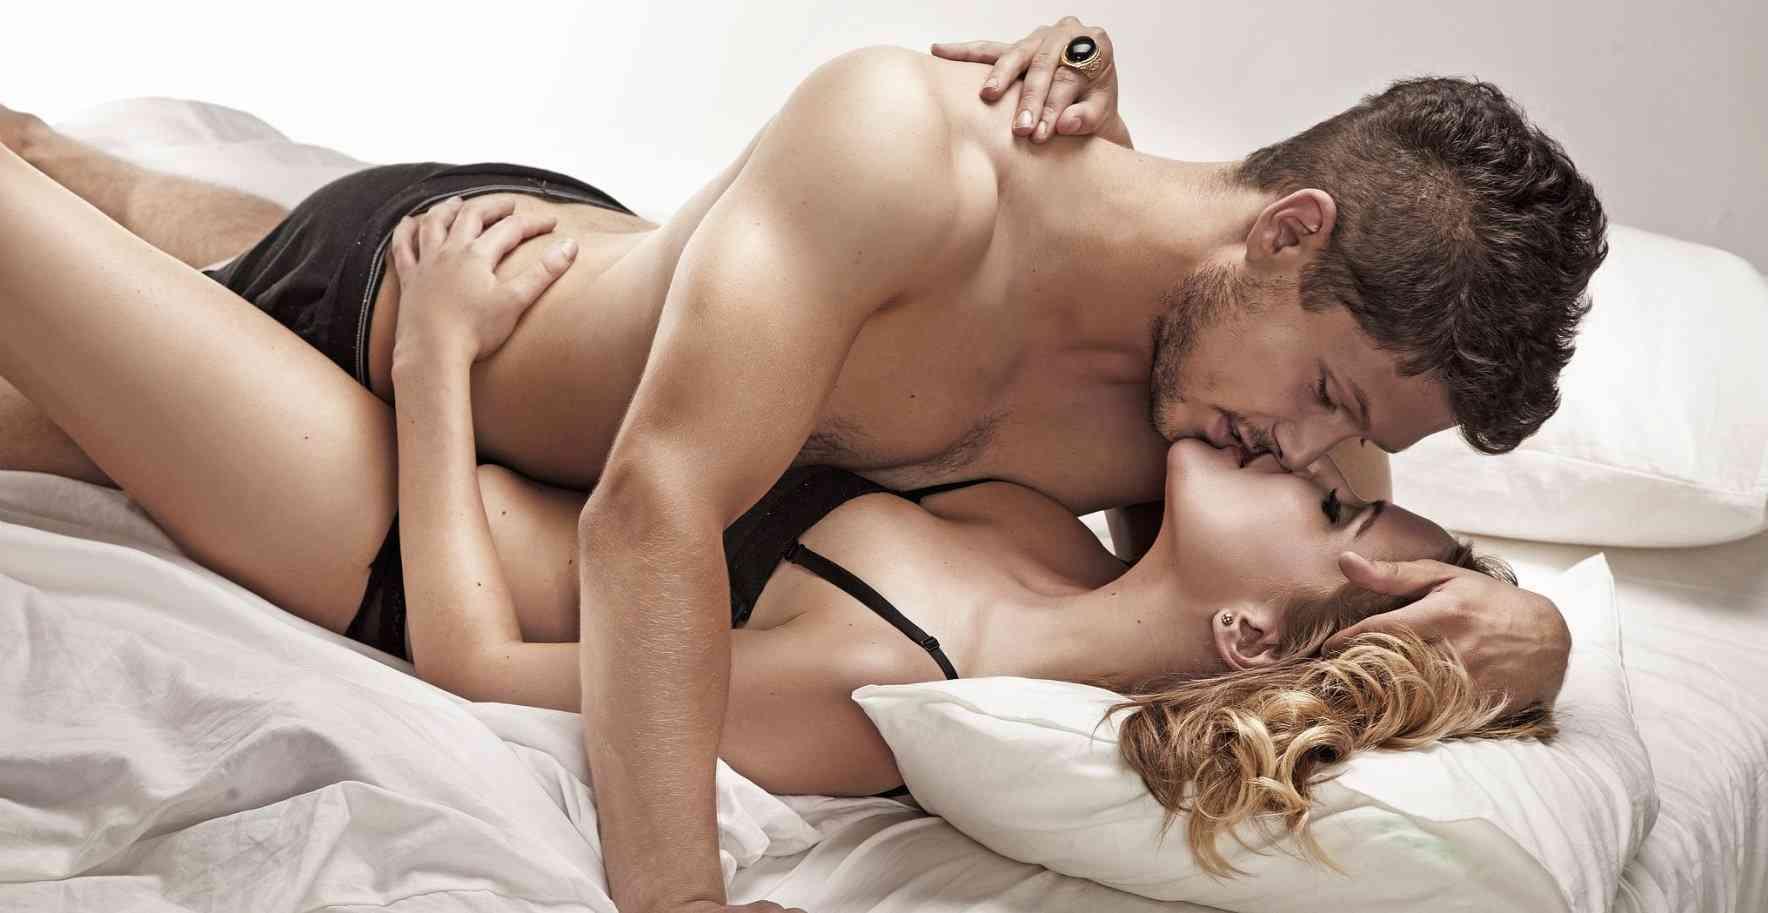 सेक्स बढ़ाने की आयुर्वेदिक दवा